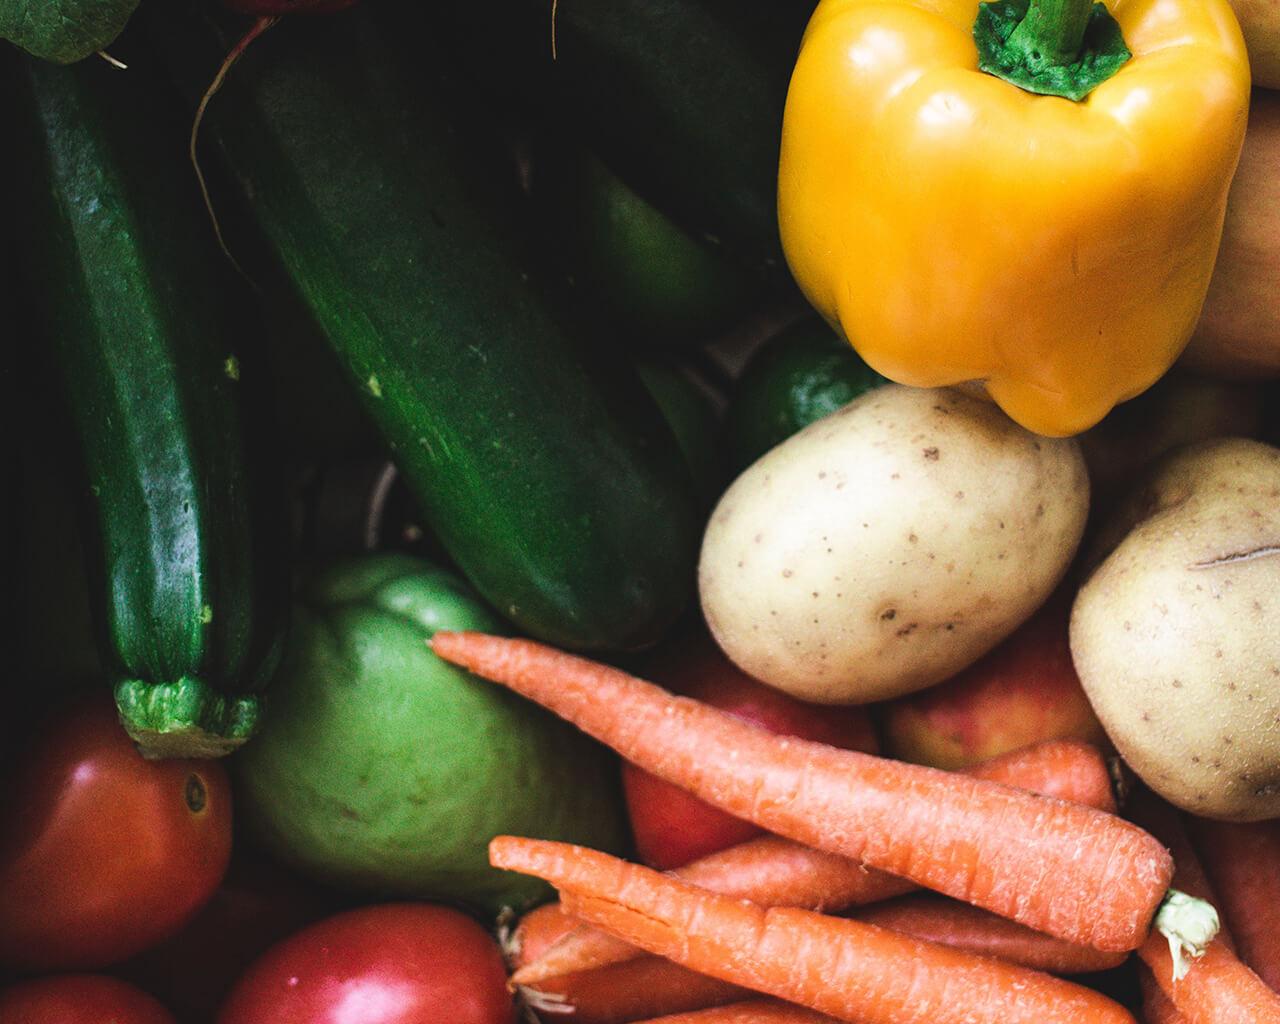 Recomiendan mantener una alimentación saludable y natural durante la cuarentena